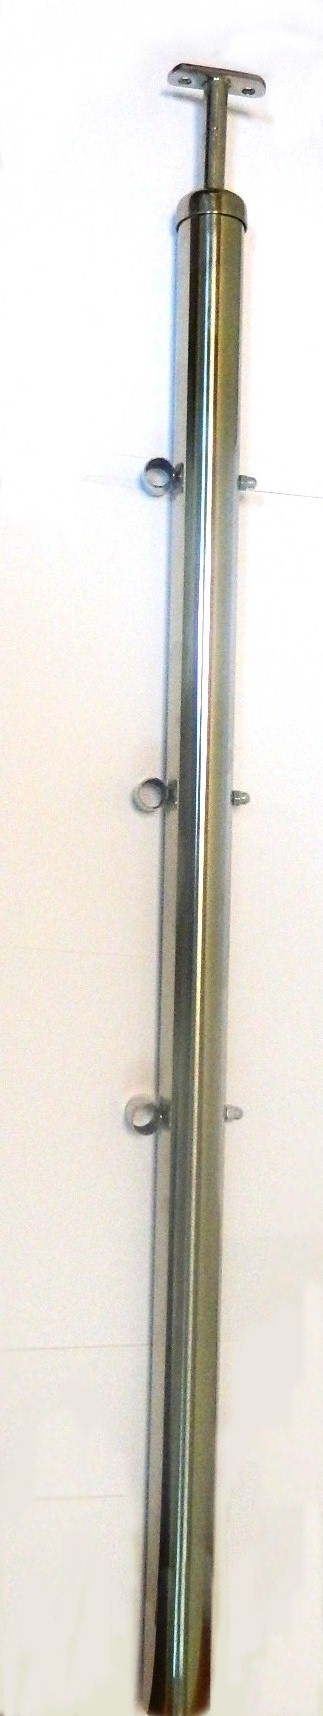 стойка с ригеледержателем, нержавеющие комплектующие для перил